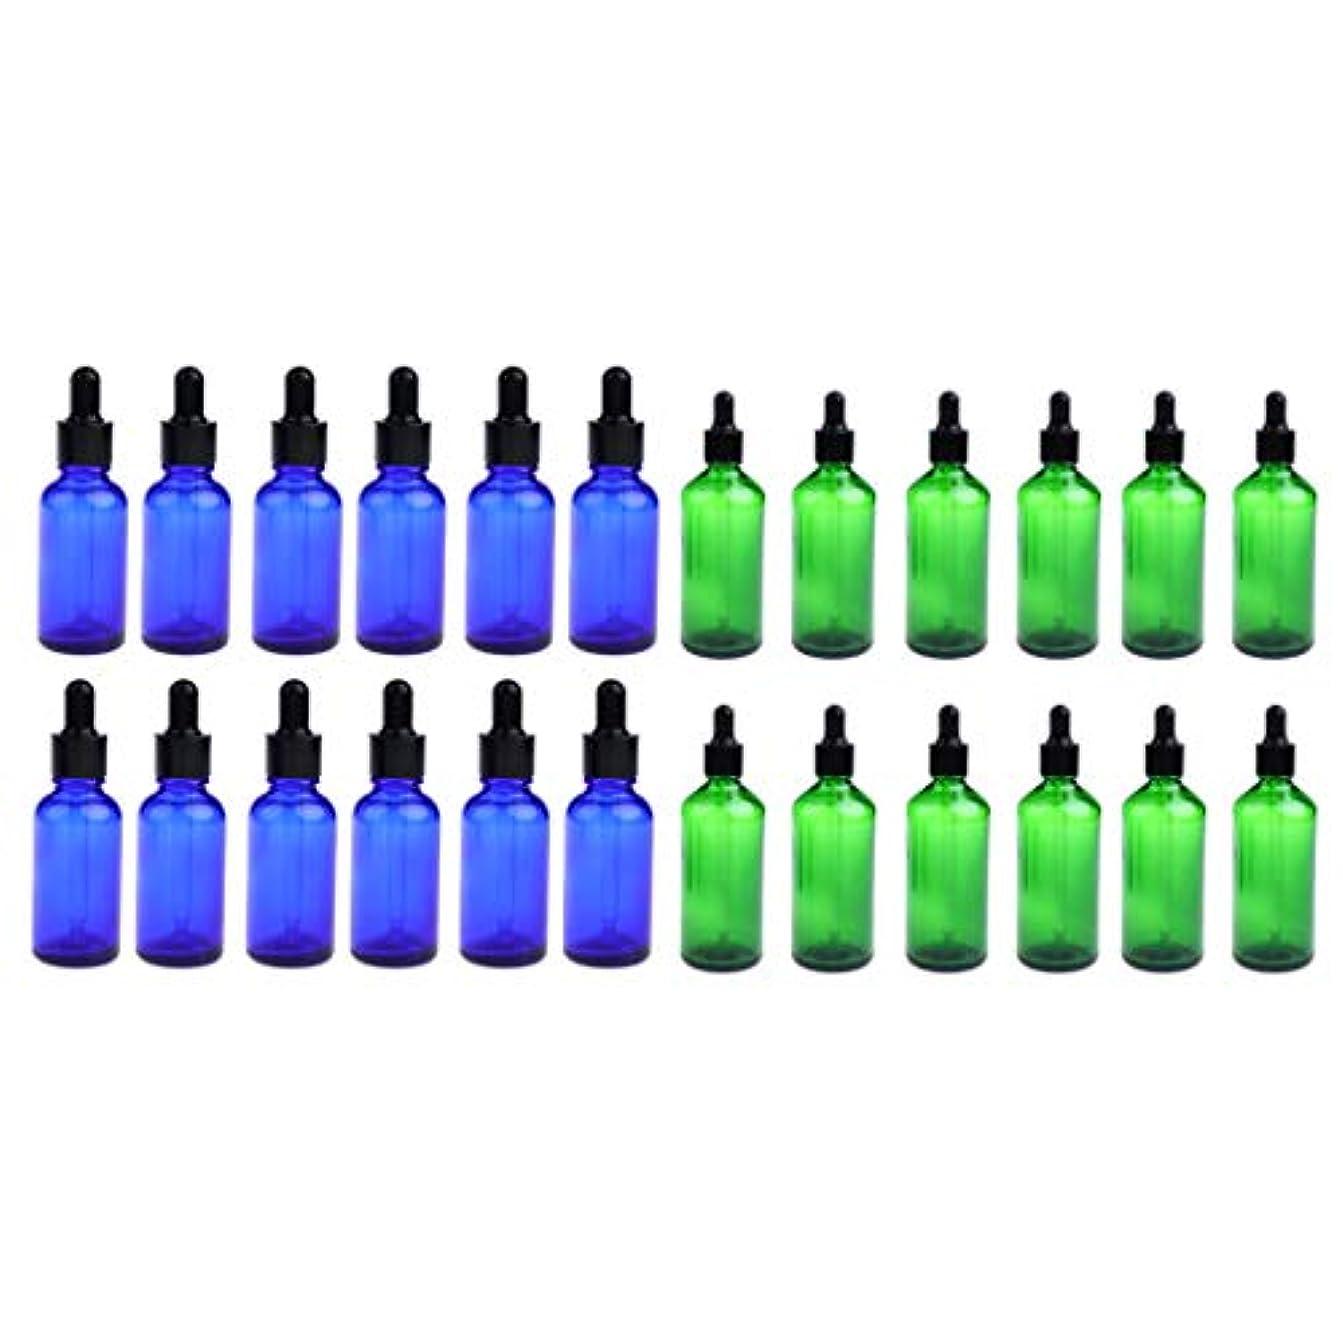 コードレスルビーゲインセイsharprepublic スポイト 瓶 遮光 スポイトボトル 30ml エッセンシャルオイル アロマ セラピー バイアル